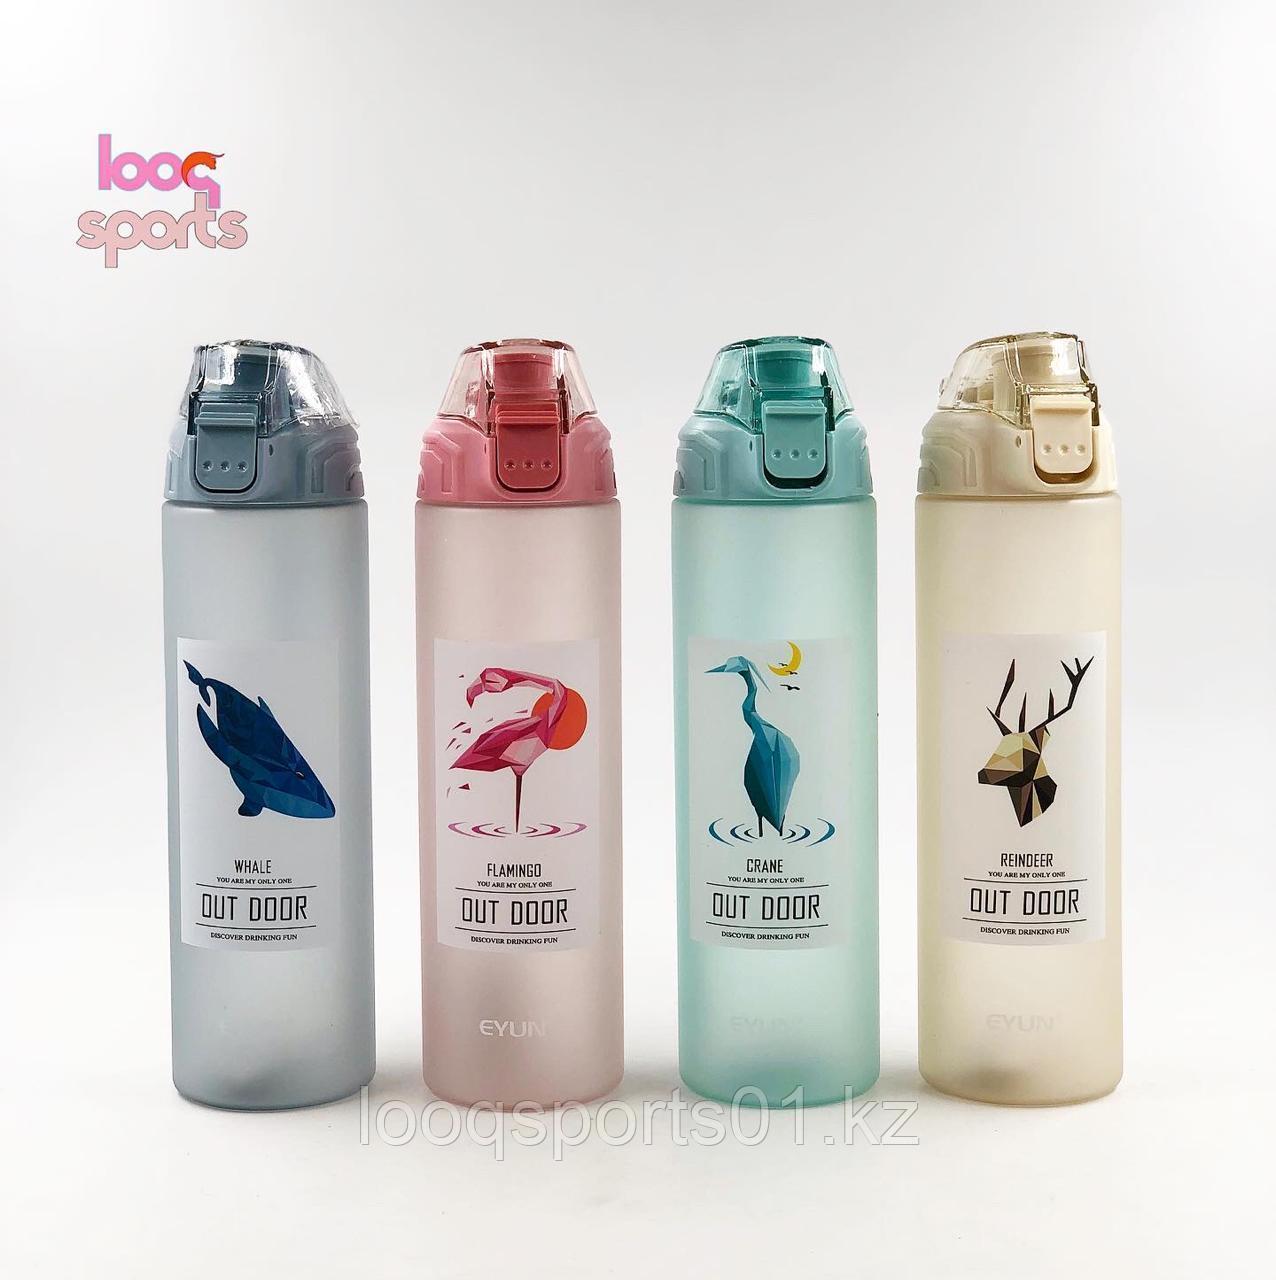 Спортивная бутылка для воды (бутылочка, шейкер) EYUN